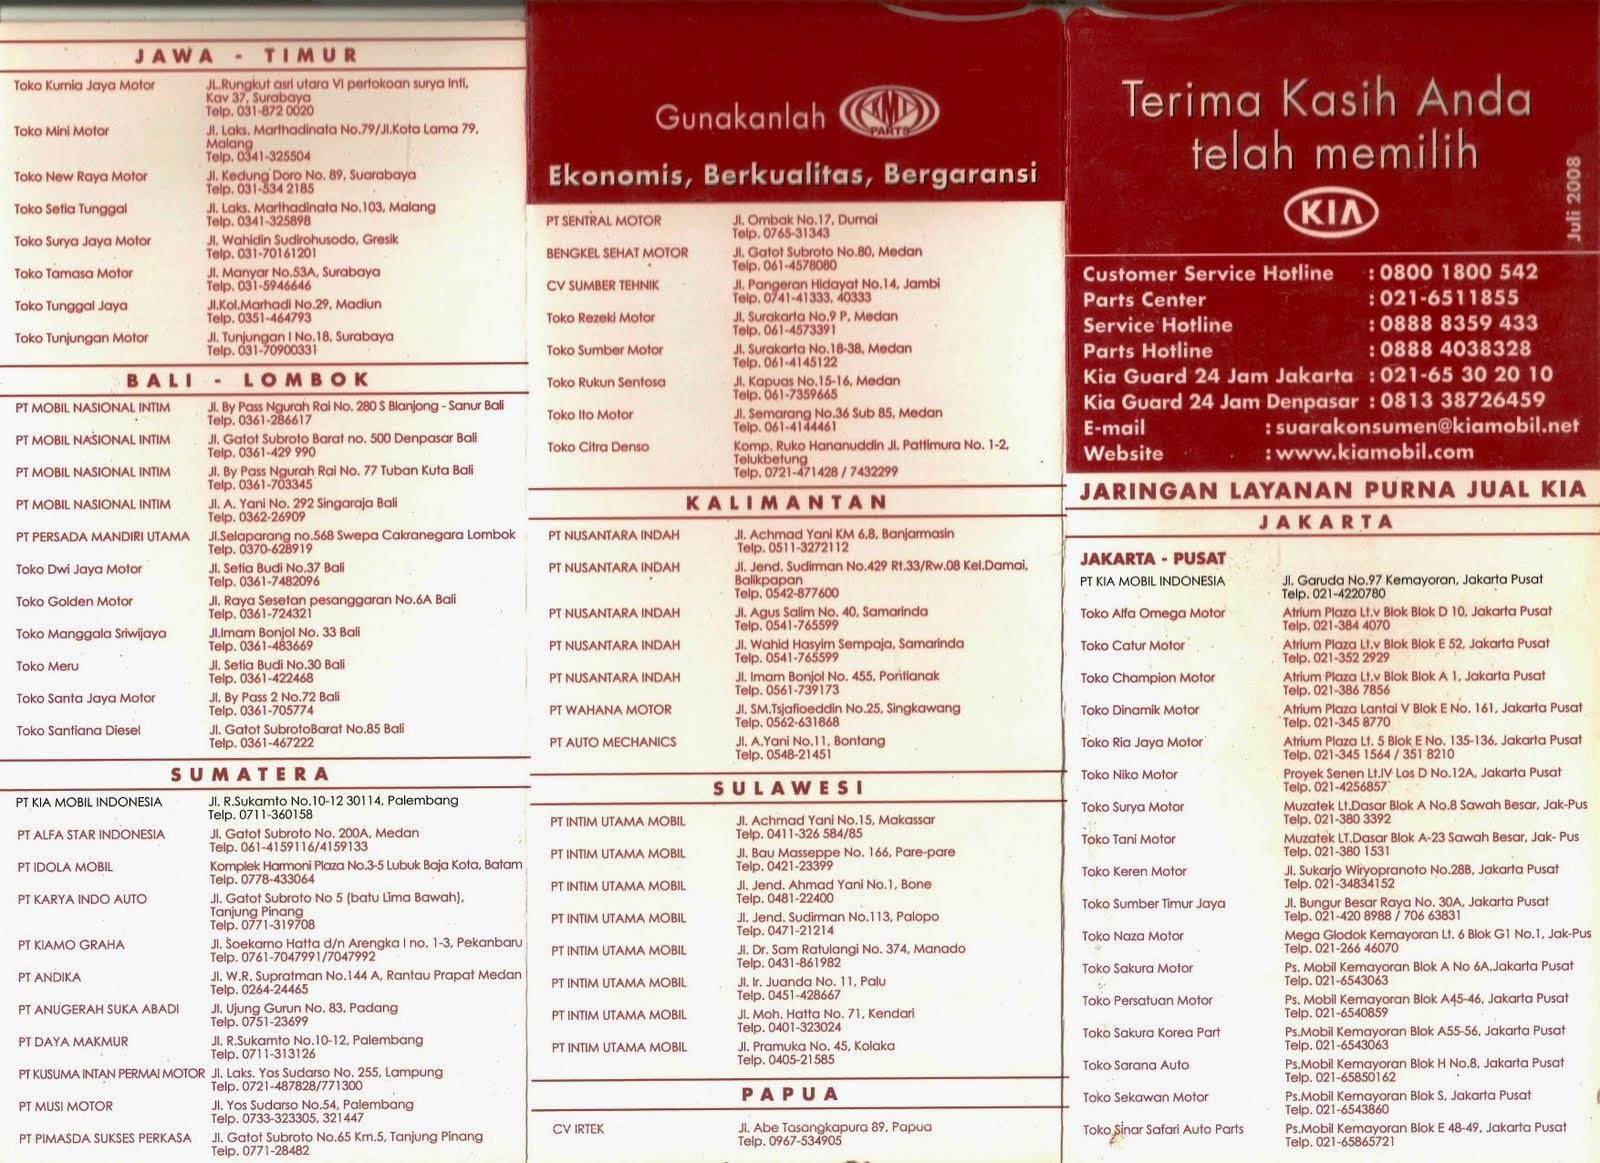 Daftar-Alamat-Bengkel-KIA-Surabaya